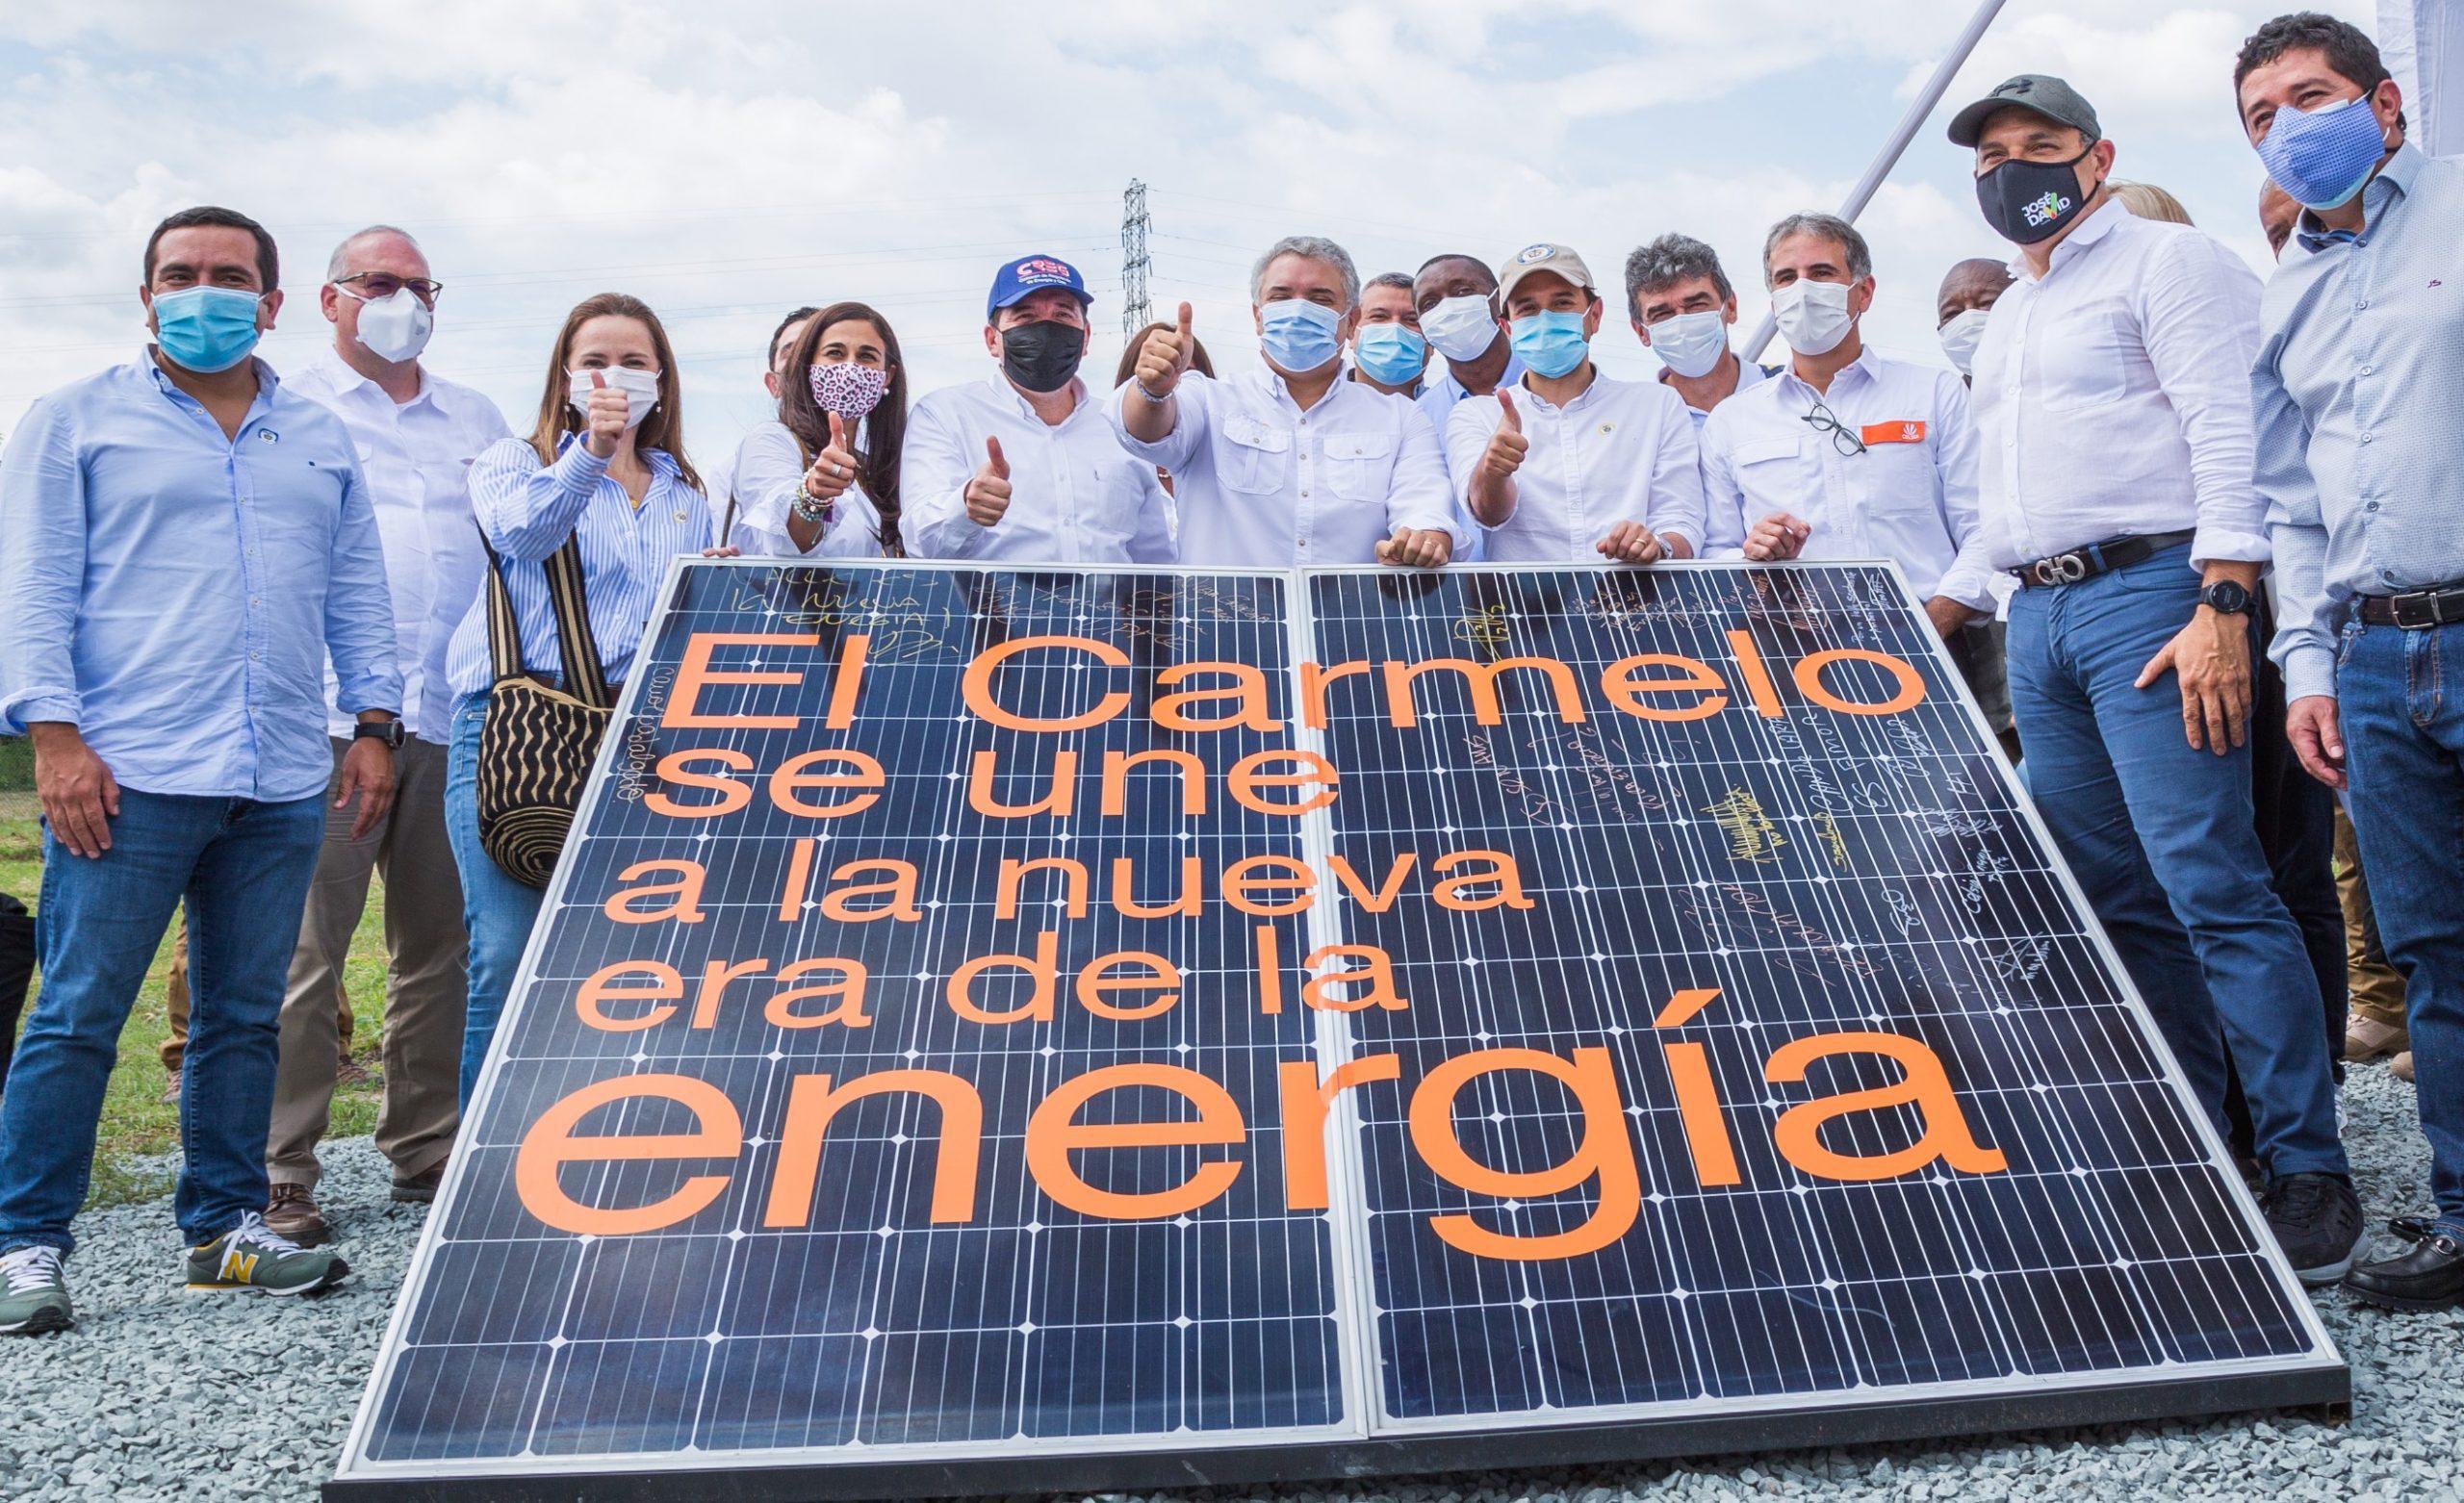 El presidente de la República, Iván Duque Márquez, visita Celsia Solar El Carmelo, la granja que suma energía limpia para la reactivación de Colombia